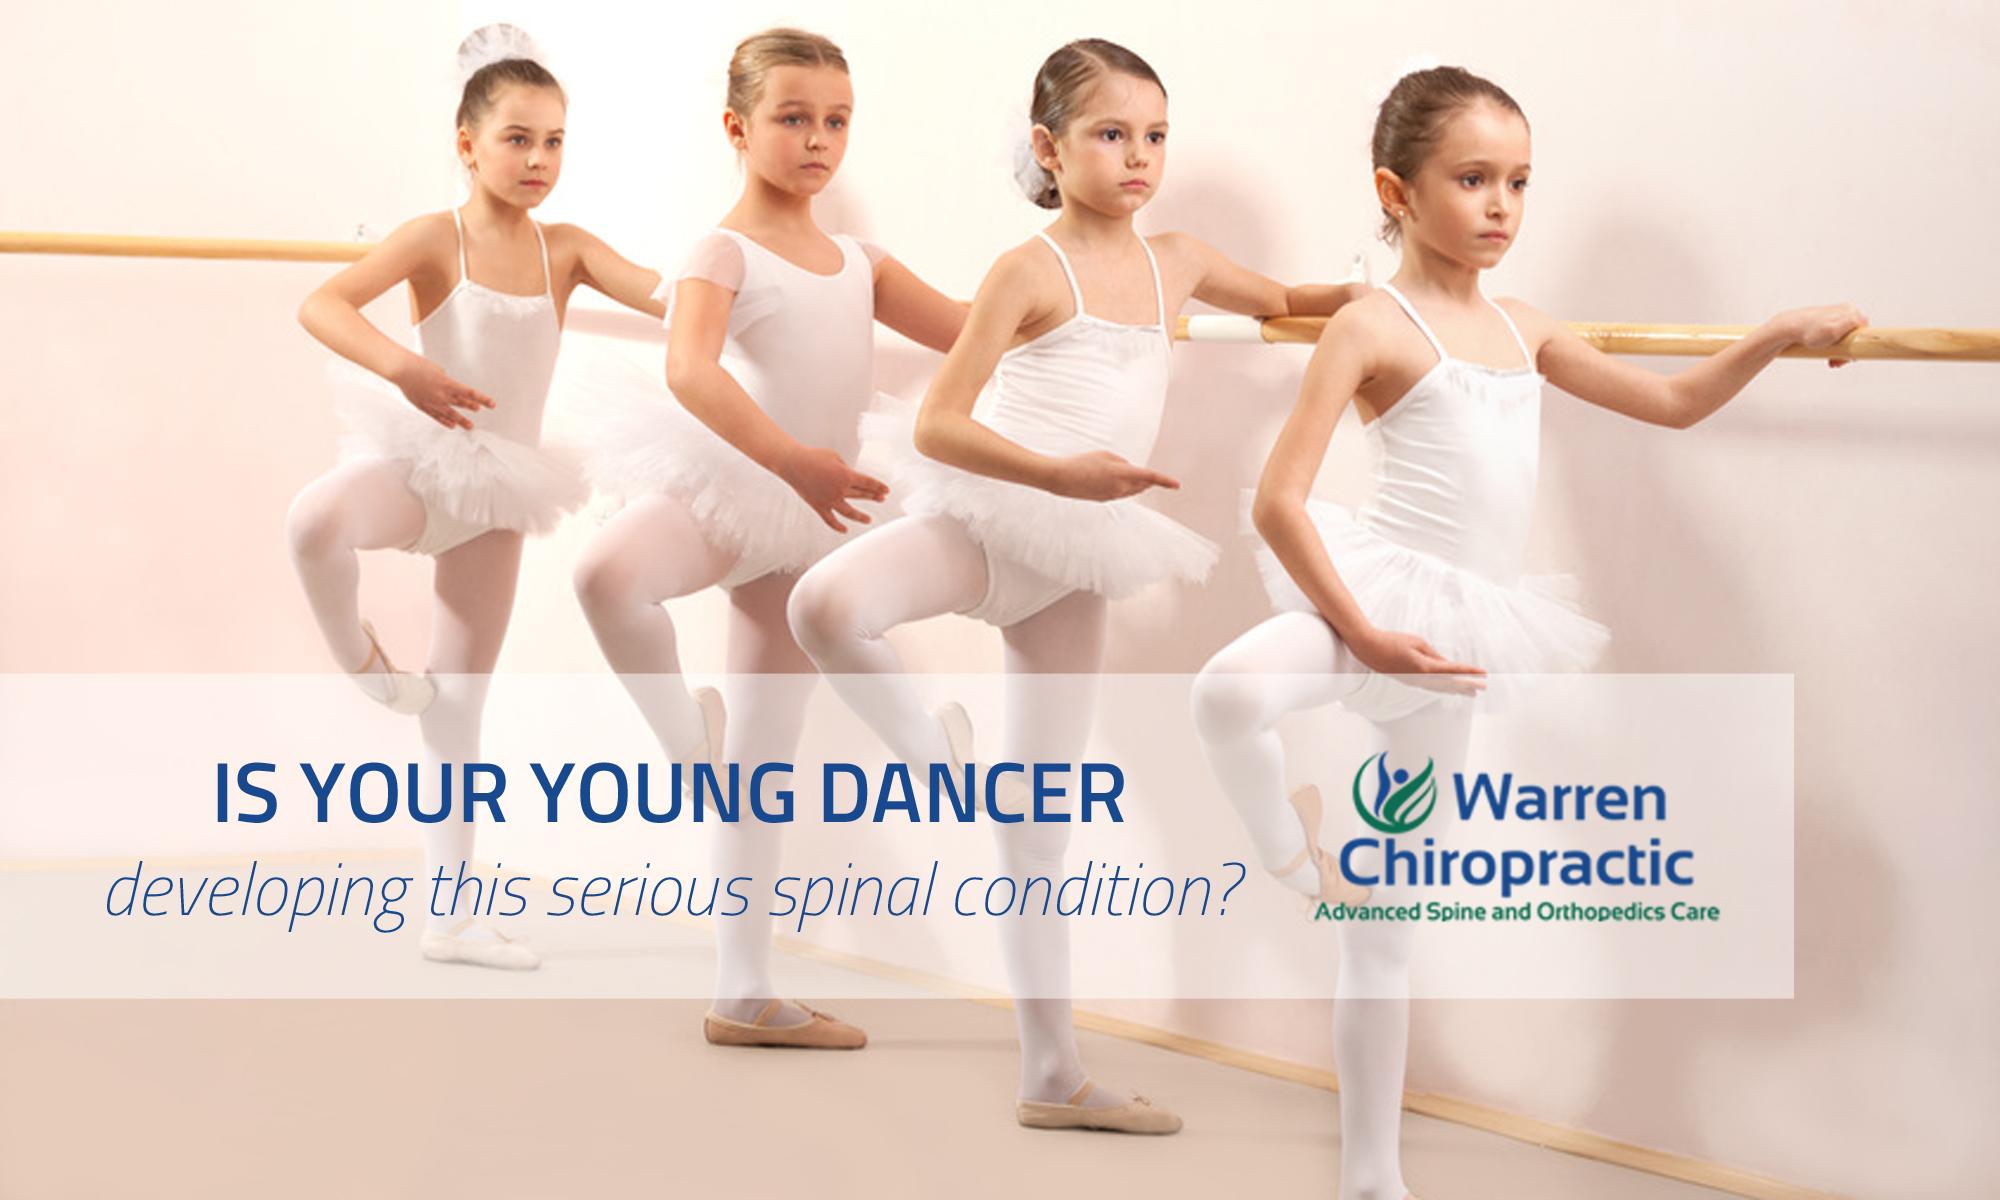 Warren Chiropractic Scoliosis Specialist Ballet Dancing Risks